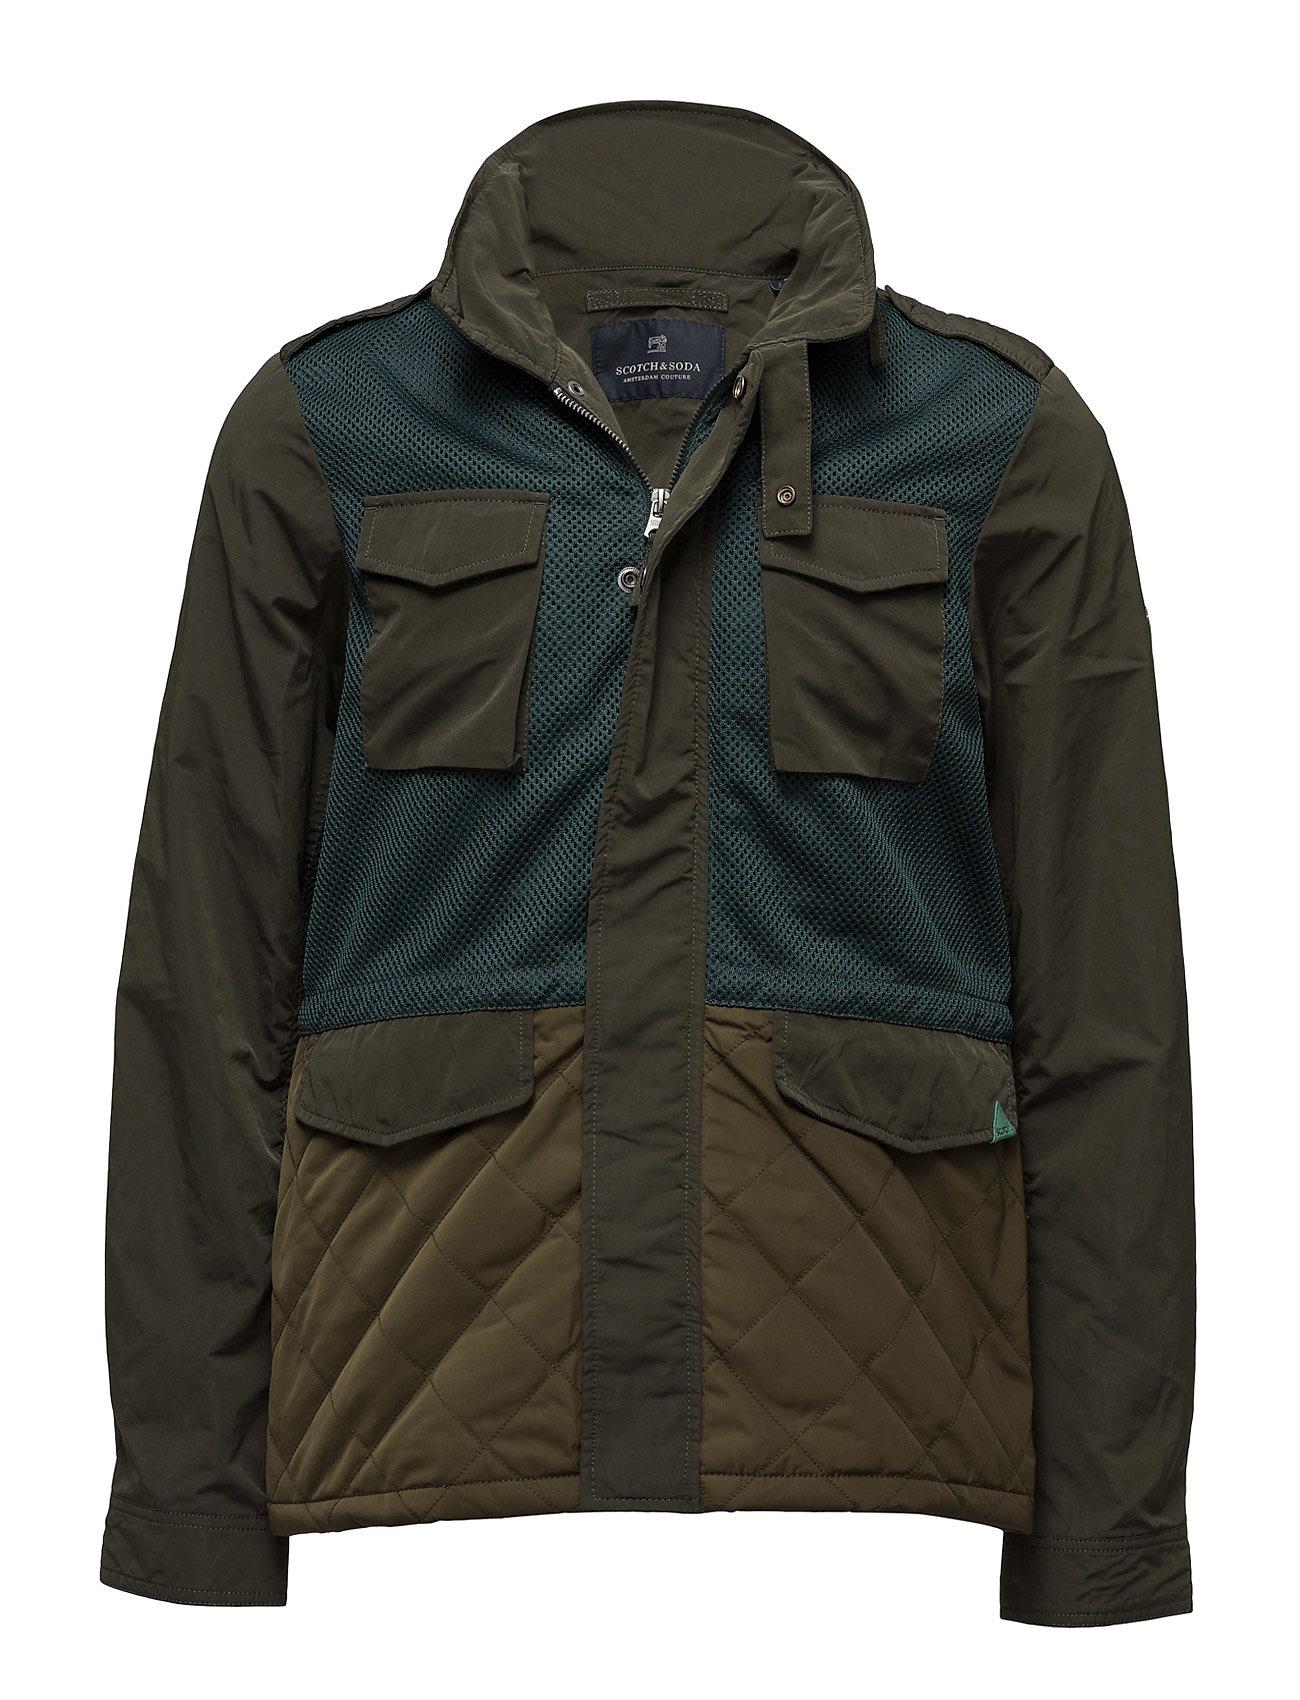 Jacket In Mix & Match Polyester/ Nylon With Military Scotch & Soda Jakker til Herrer i Combo A